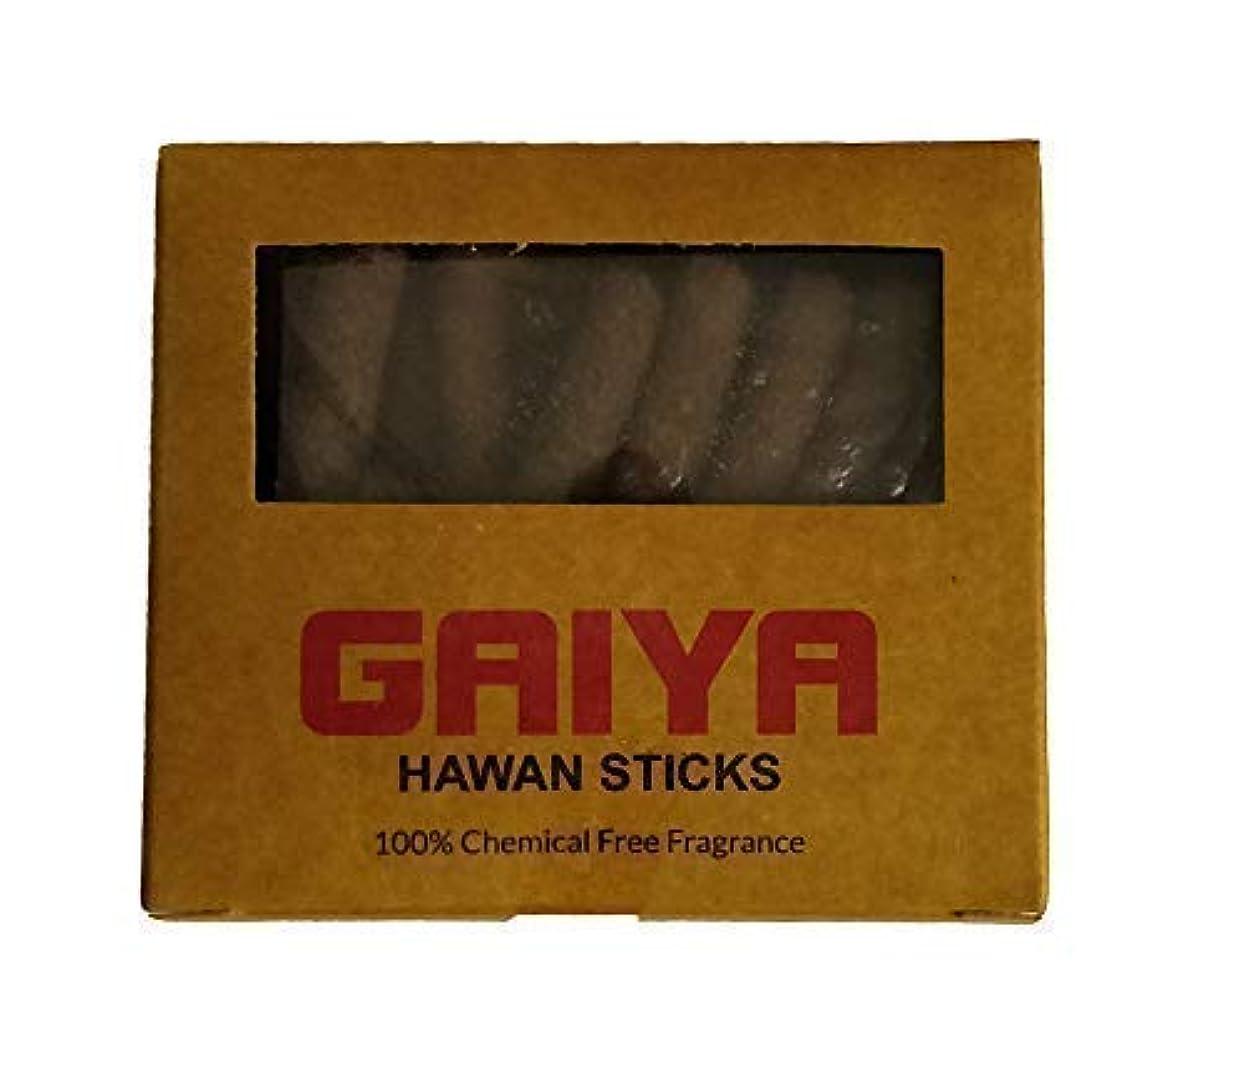 環境壊れた枝Go4Life Gaiya Hawan Sticks - Pack of 4 Boxes (for Havan Also Havan Sticks Havan Samigri)